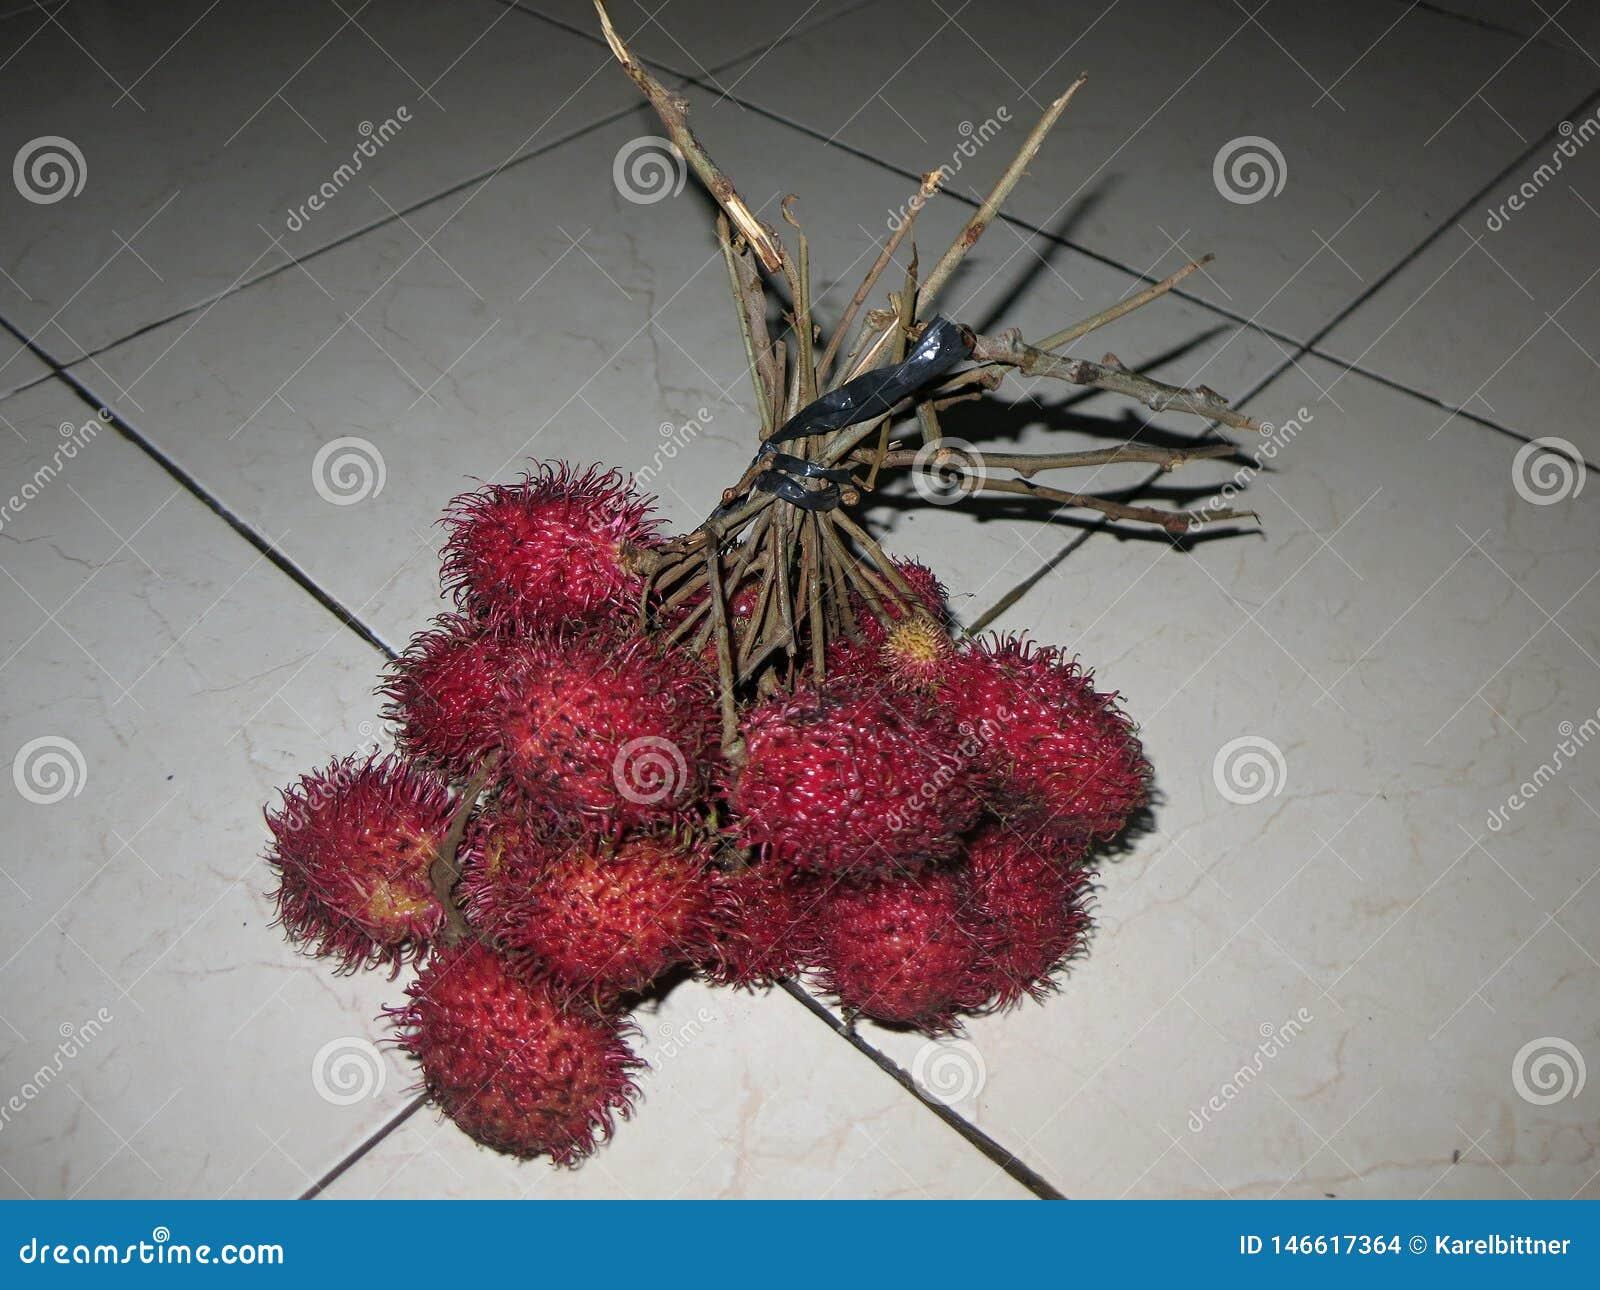 Tropikalnej owoc cukierki i świeży smak, szeroko rozprzestrzeniamy i r w Azja Źródło witaminy i zdrowie